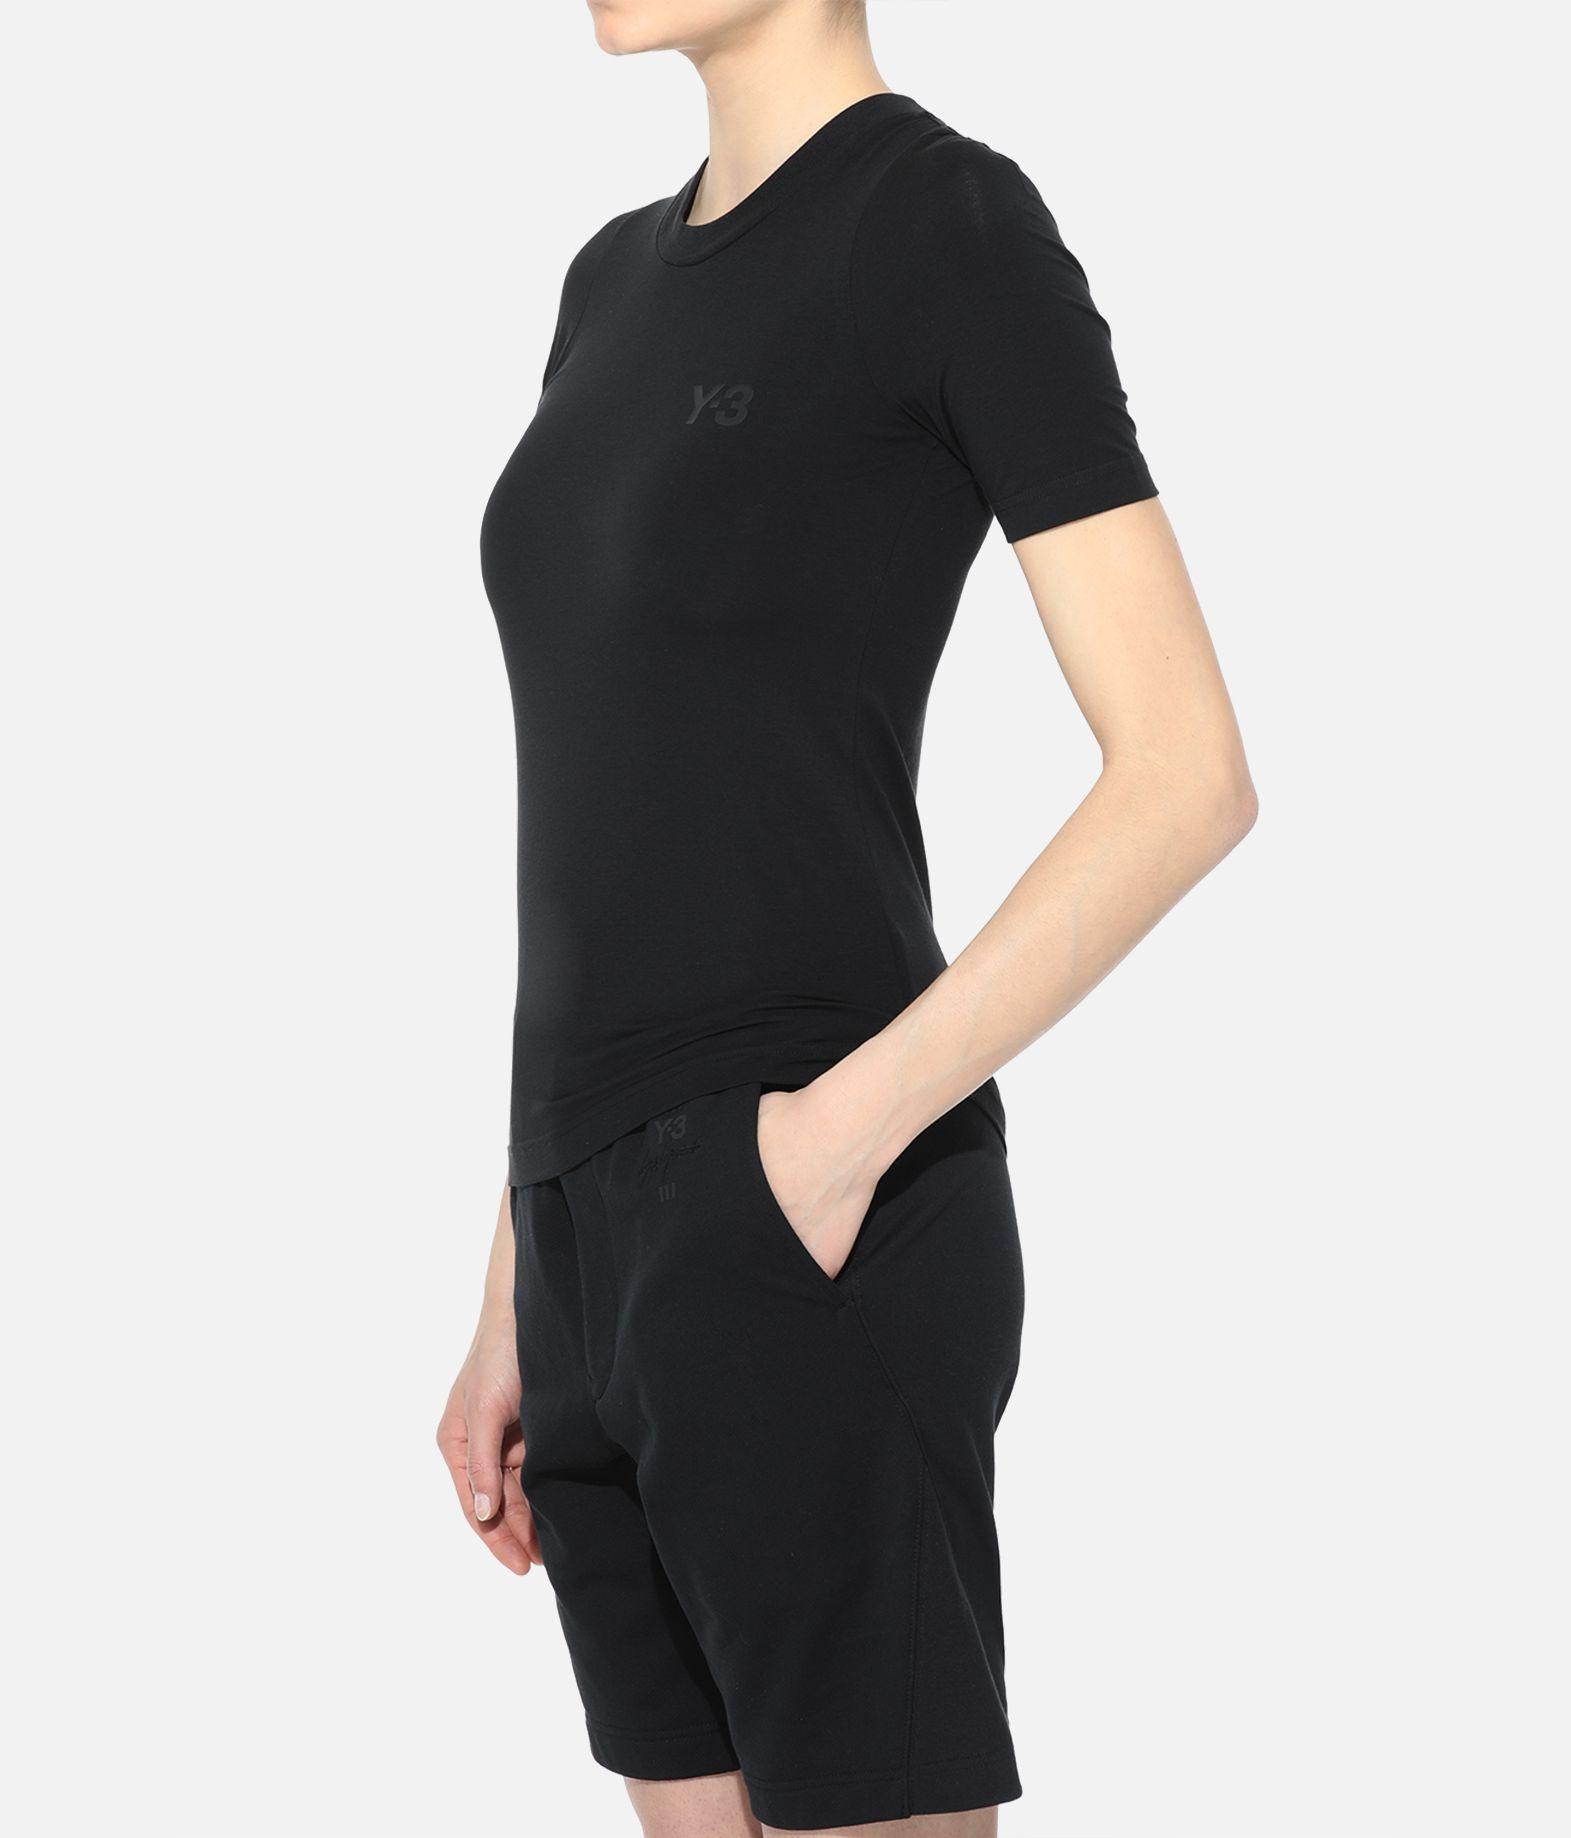 Y-3 Y-3 YOHJI TEE Kurzärmliges T-shirt Damen e